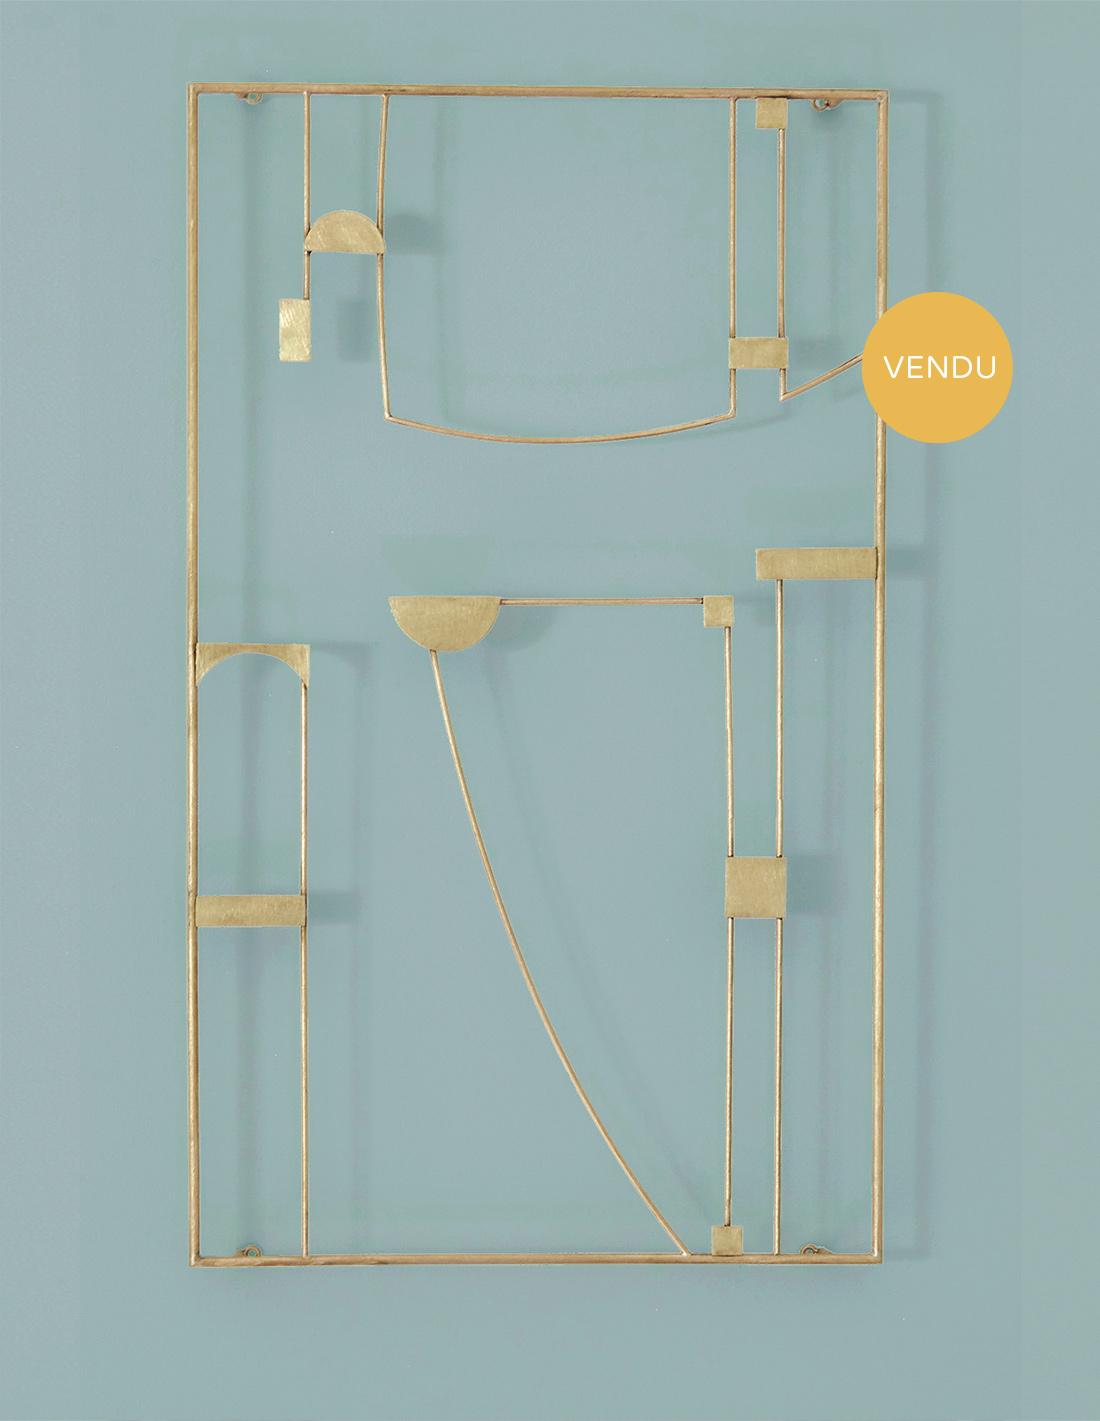 Lucia volentieri - Musica quatro - Design